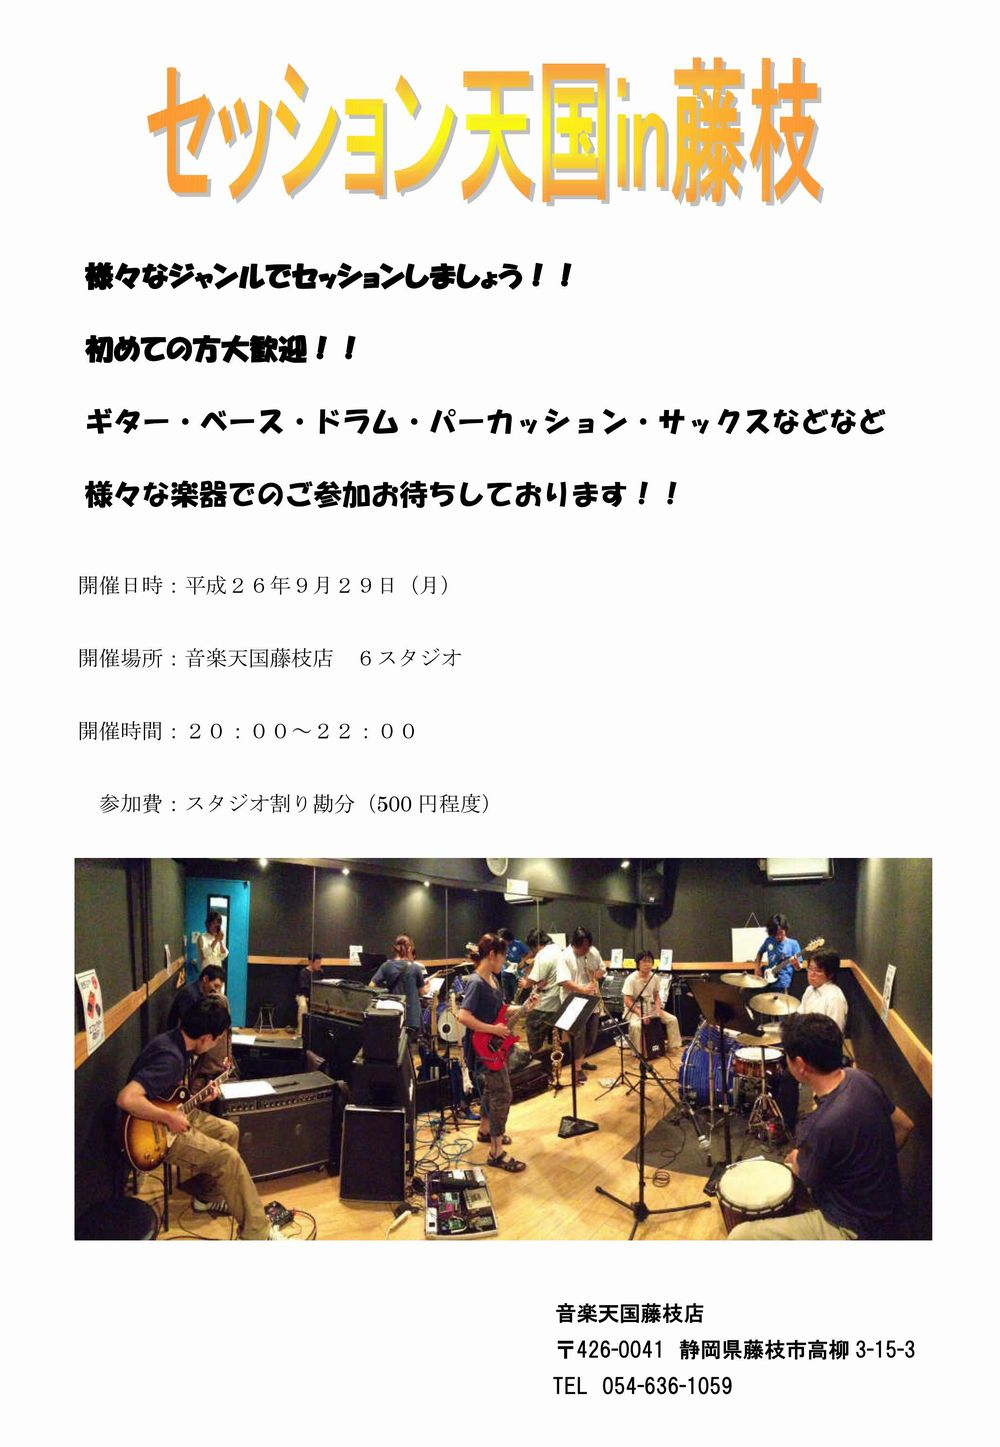 セッション天国@音楽天国・藤枝店9月29日(月)開催!